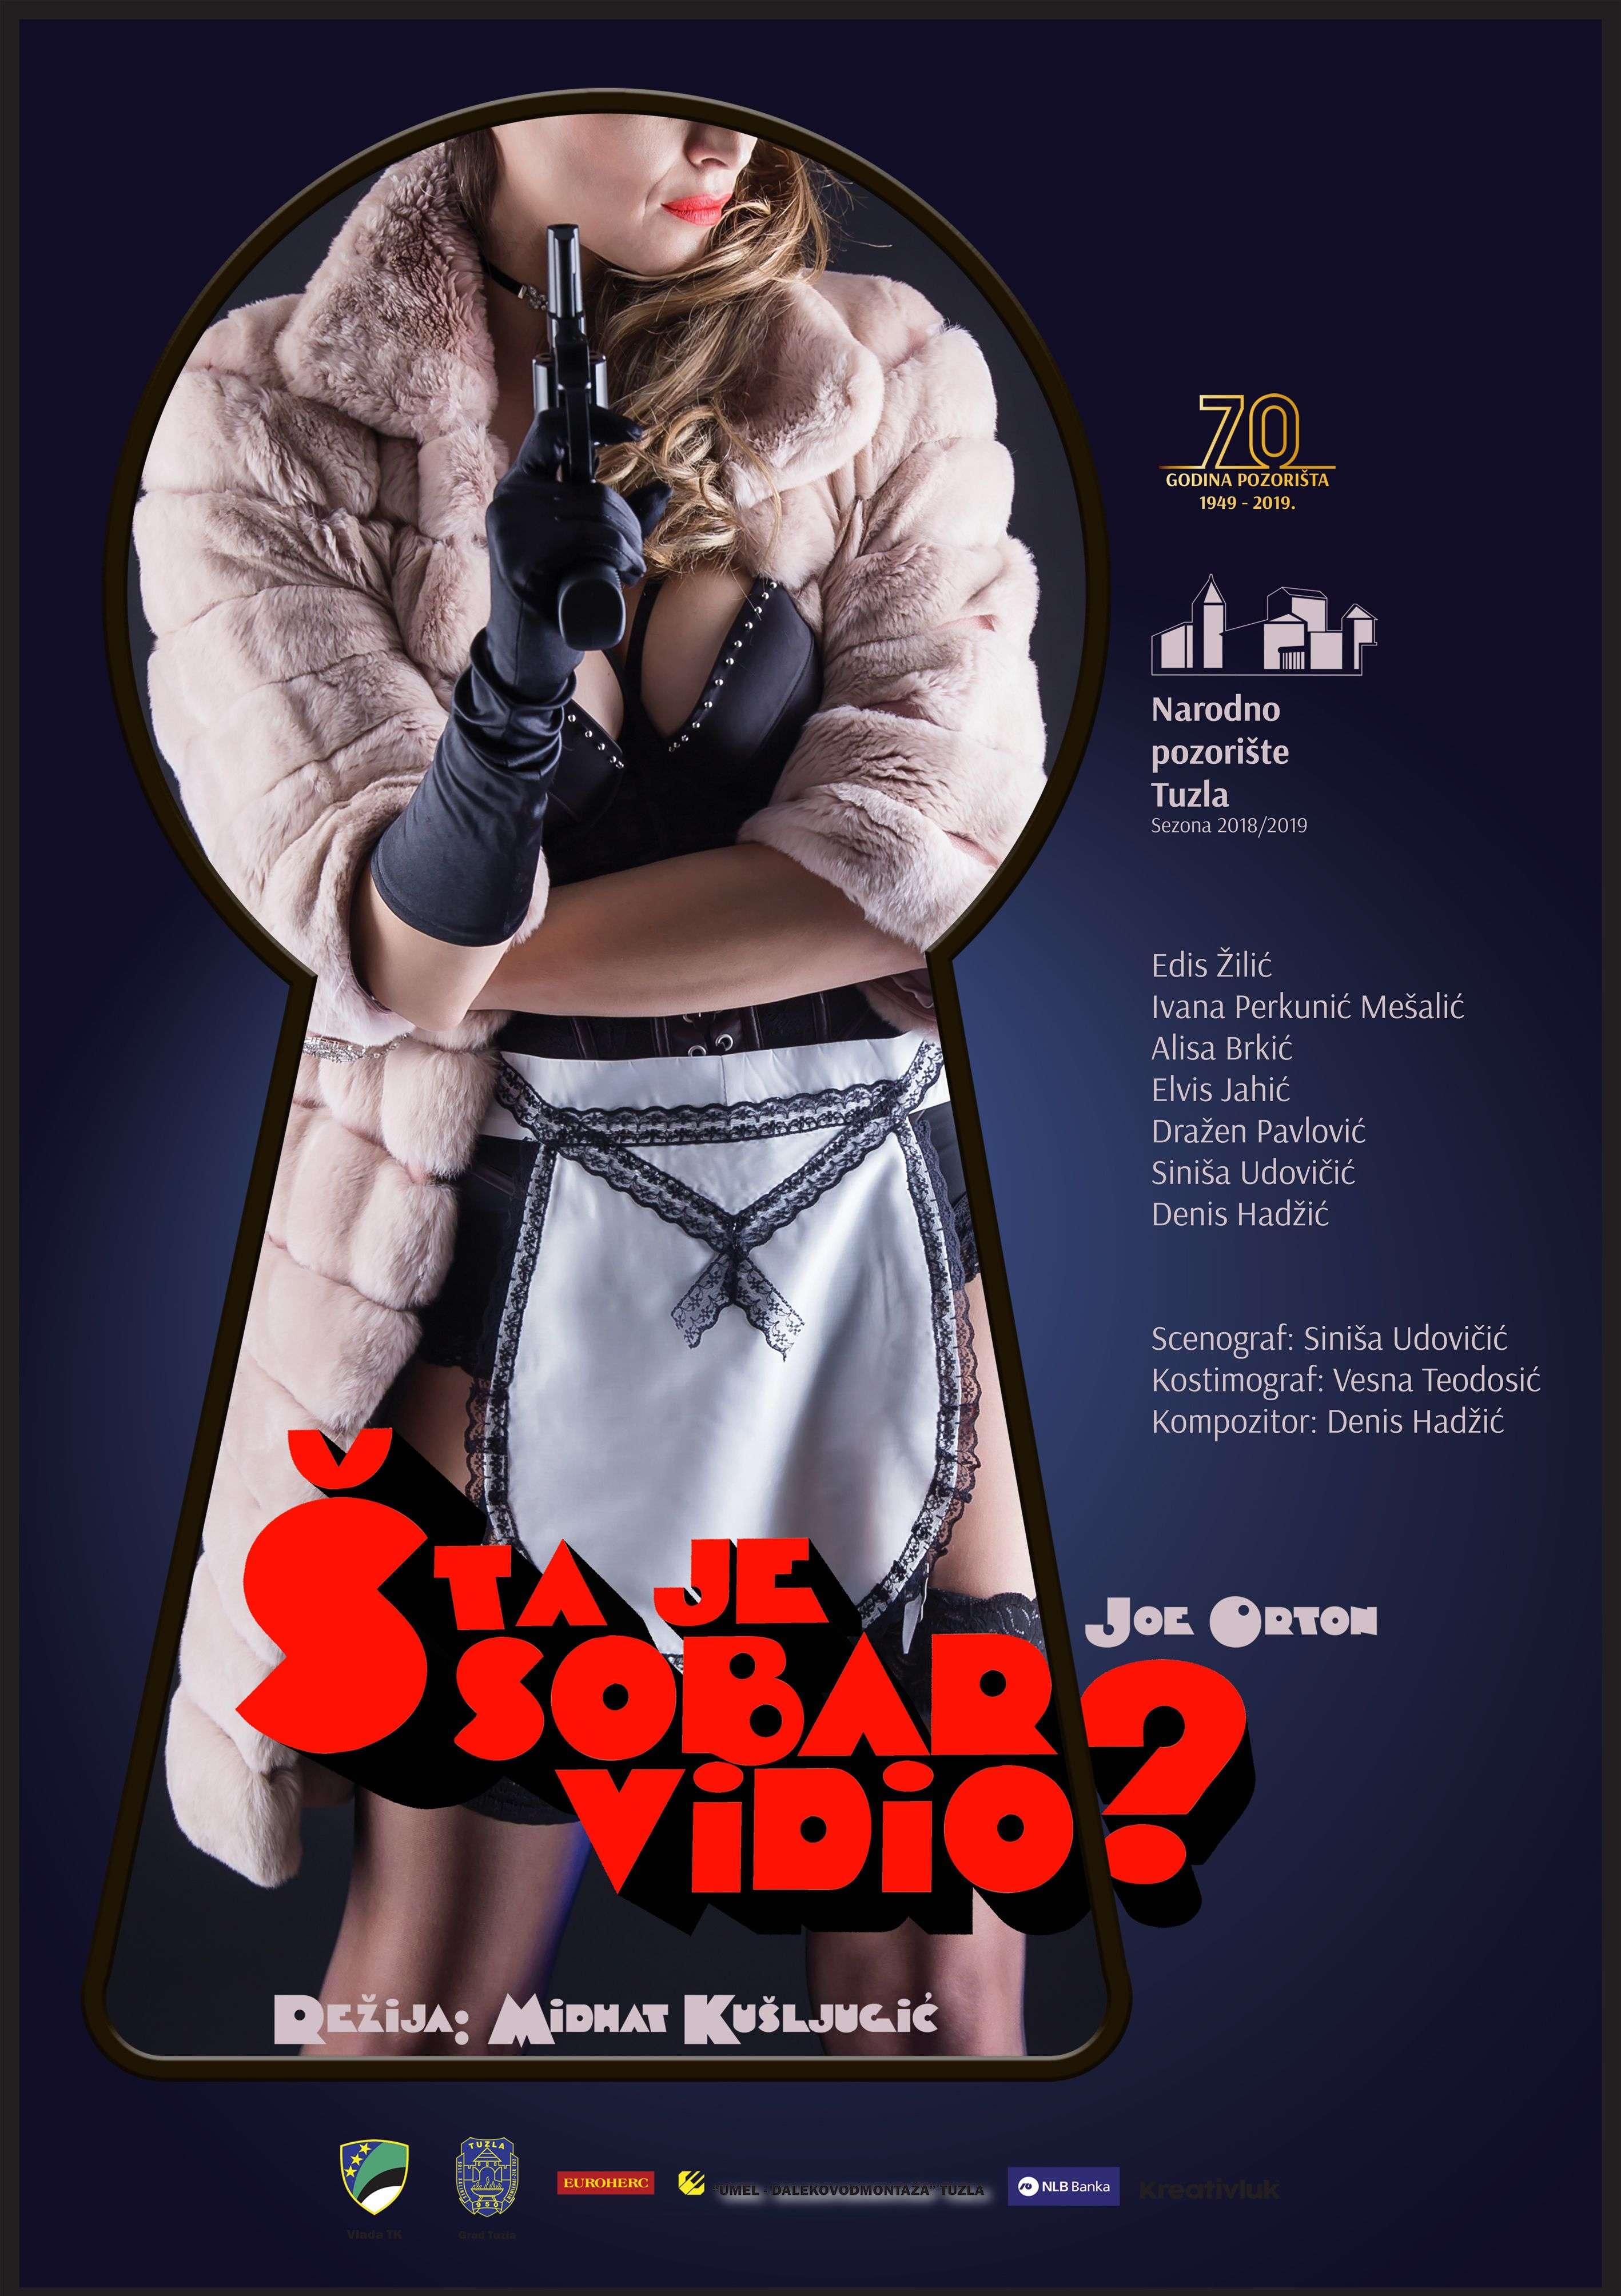 """Predstava """"Šta je sobar vidio""""? u Narodnom pozorištu u Tuzli"""